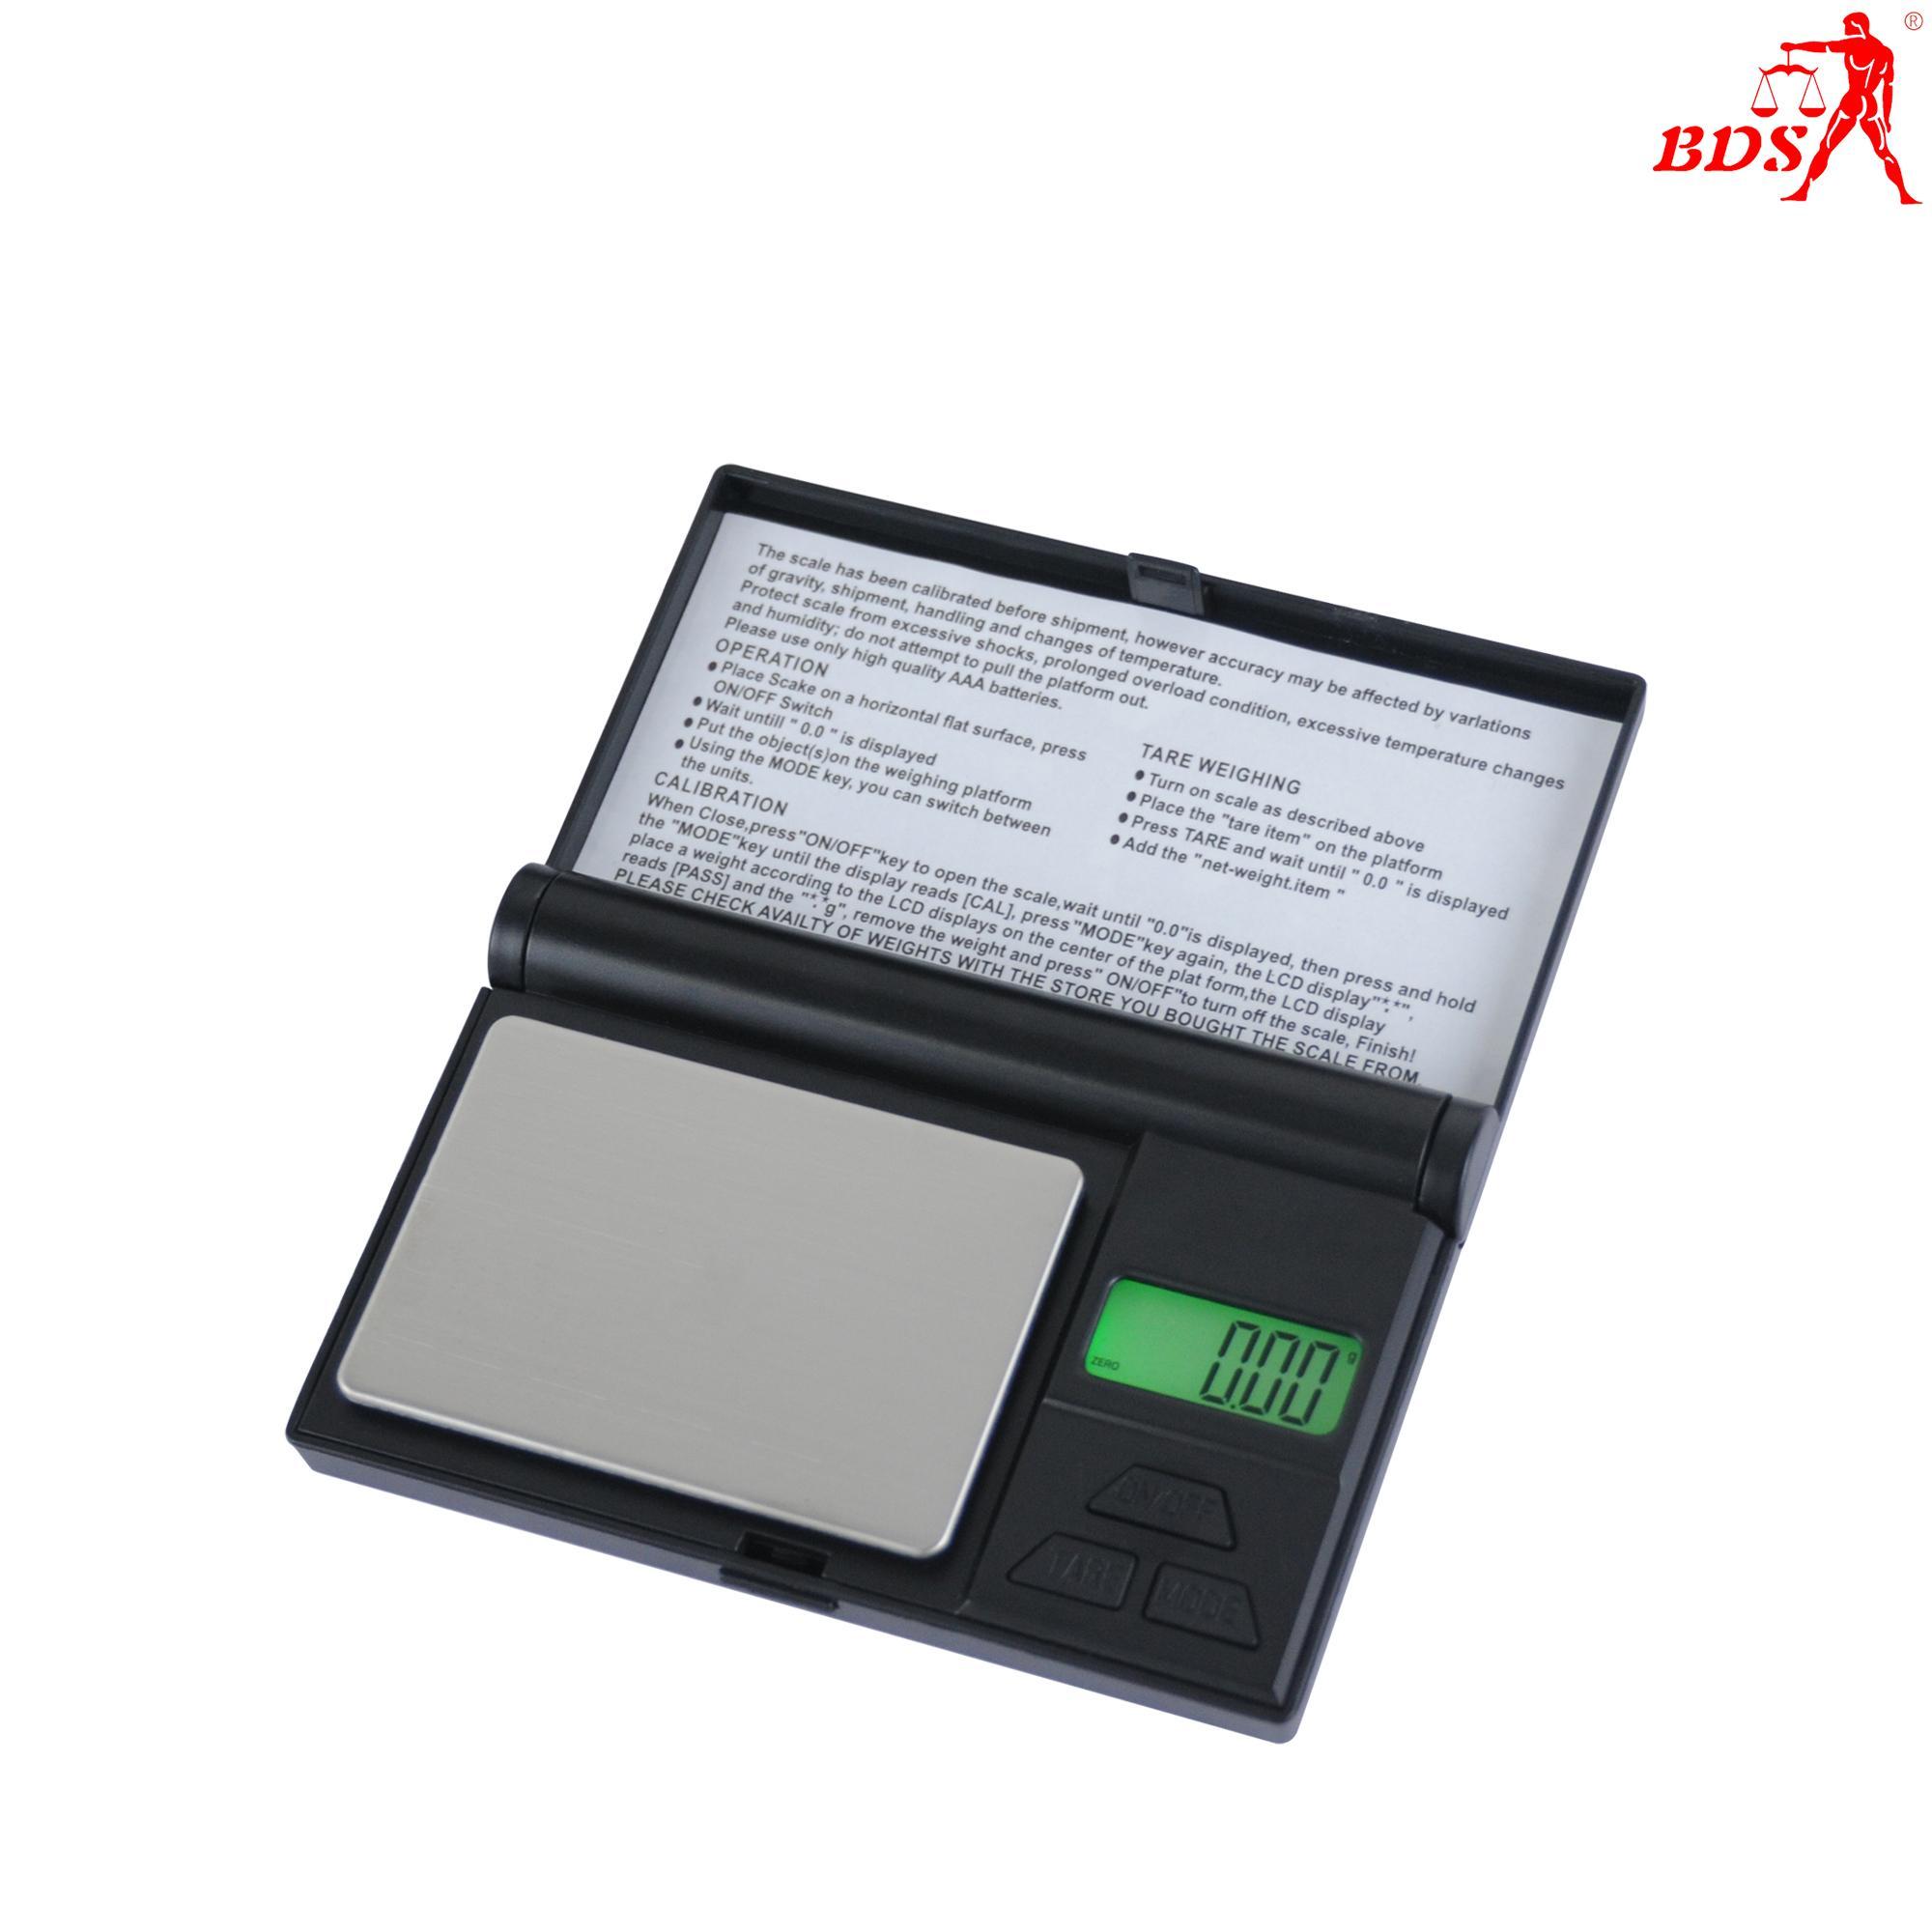 深圳北斗星衡器FS珠寶口袋秤珠寶秤電子秤 4